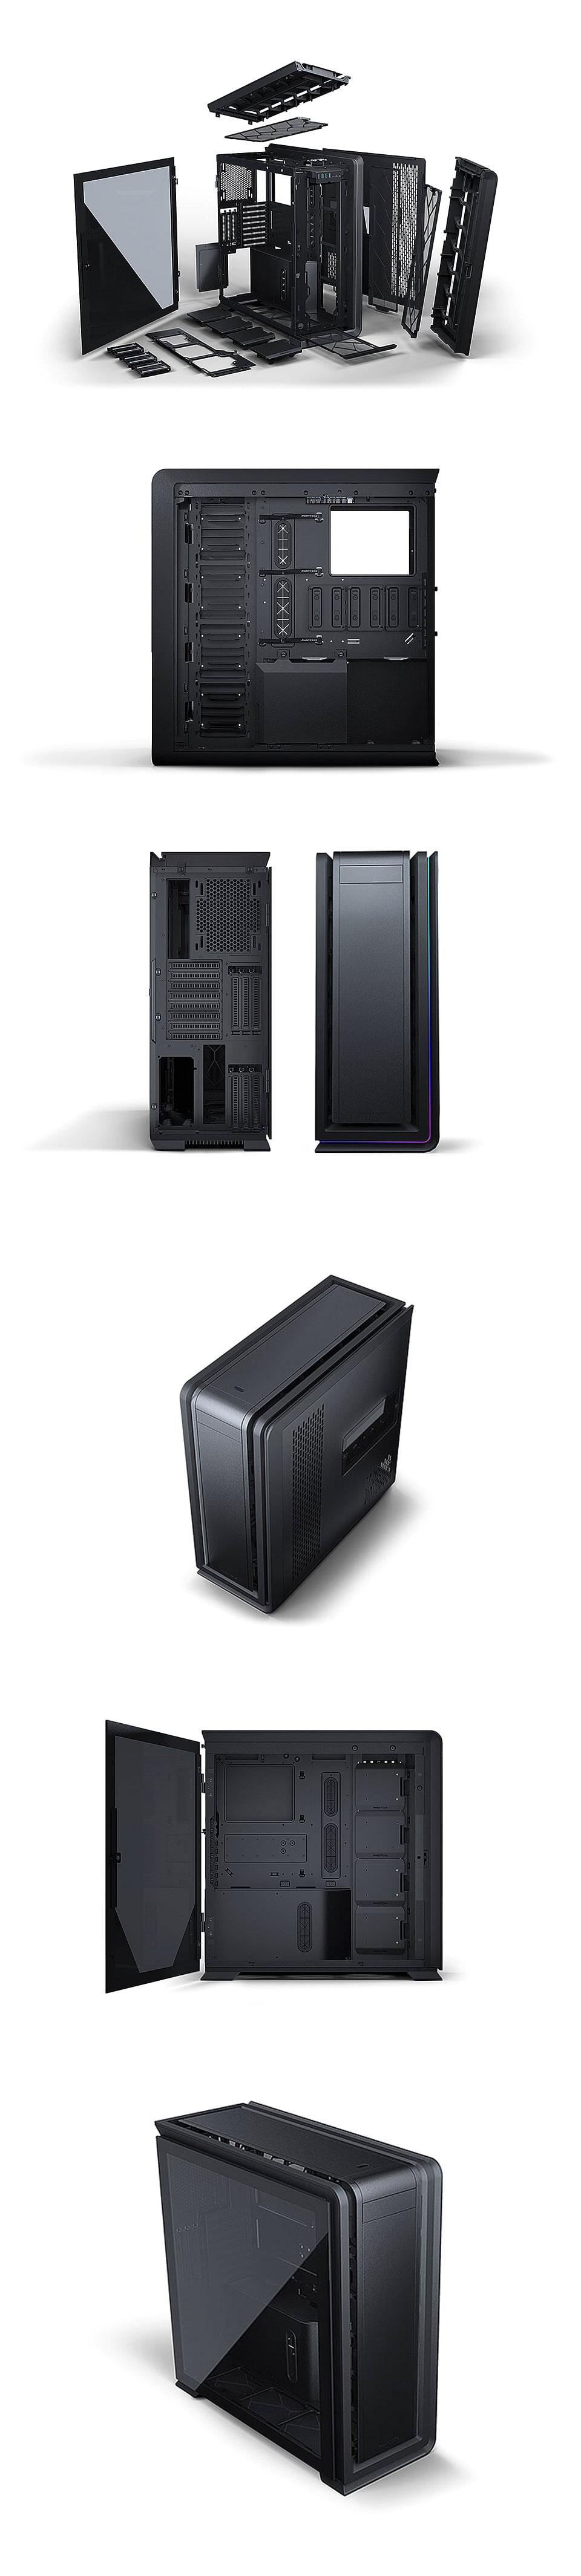 Phanteks Enthoo 719 D-RGB TG Full Tower Case Satin Black product